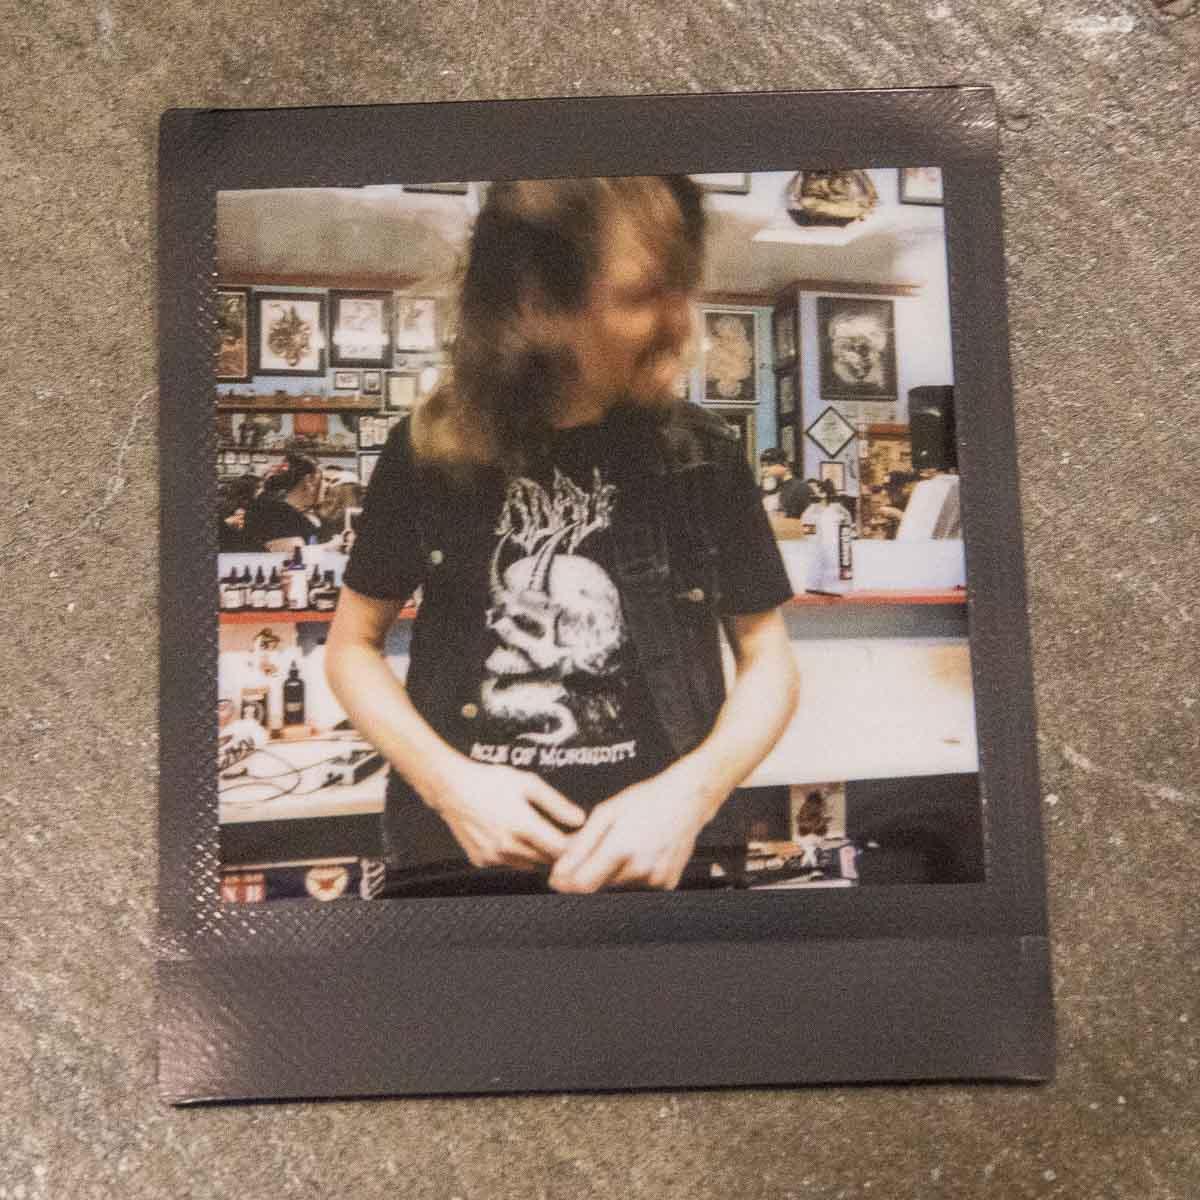 Dirk Verbeuren [Megadeth] headbanging to the new album